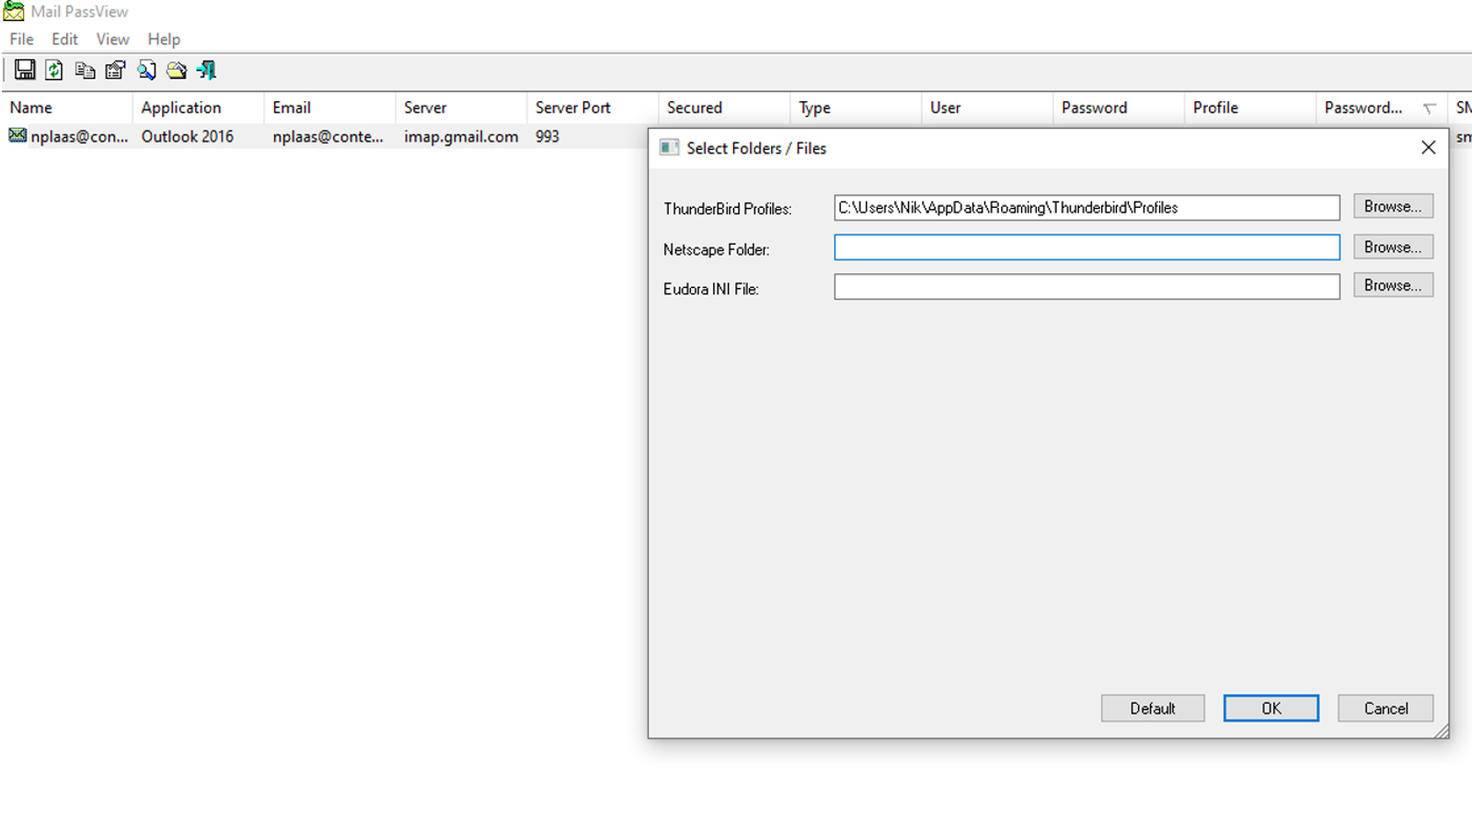 Mail PassView 1.90 zum Auslesen von Outlook-Passwörtern